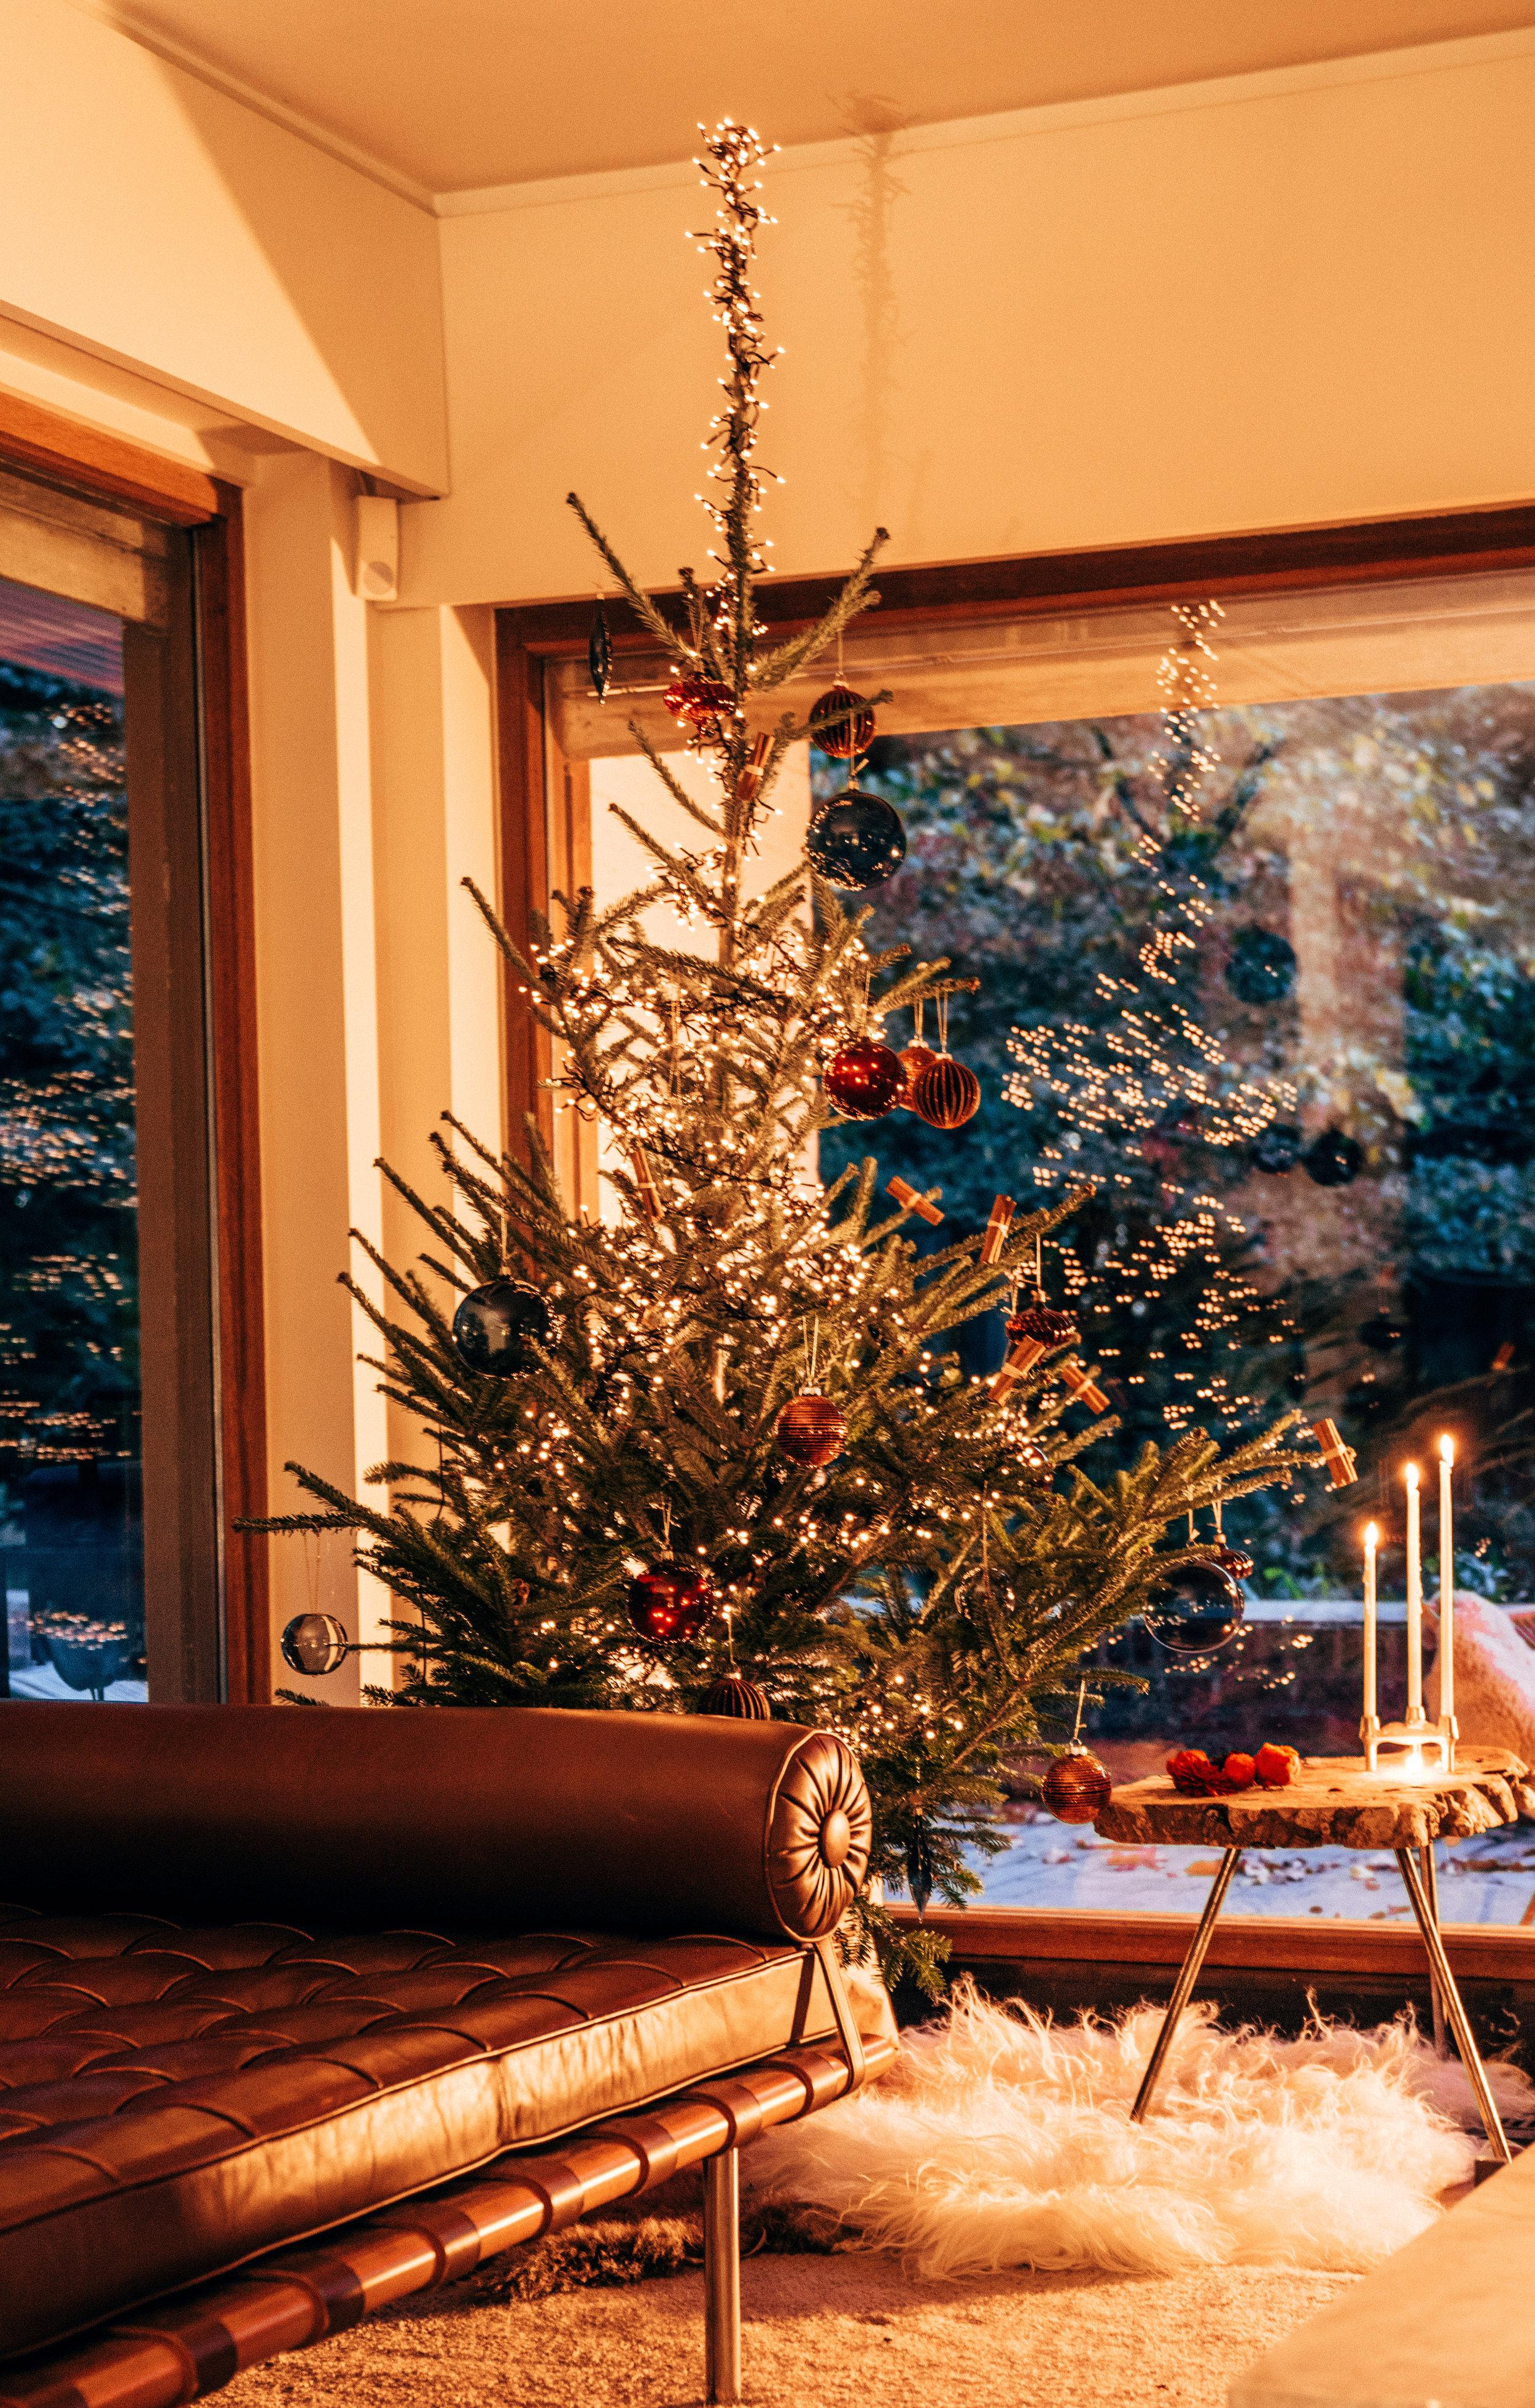 22-10-2017 hooray kerstboom kerst  bos ronse lifestyle-290.jpg